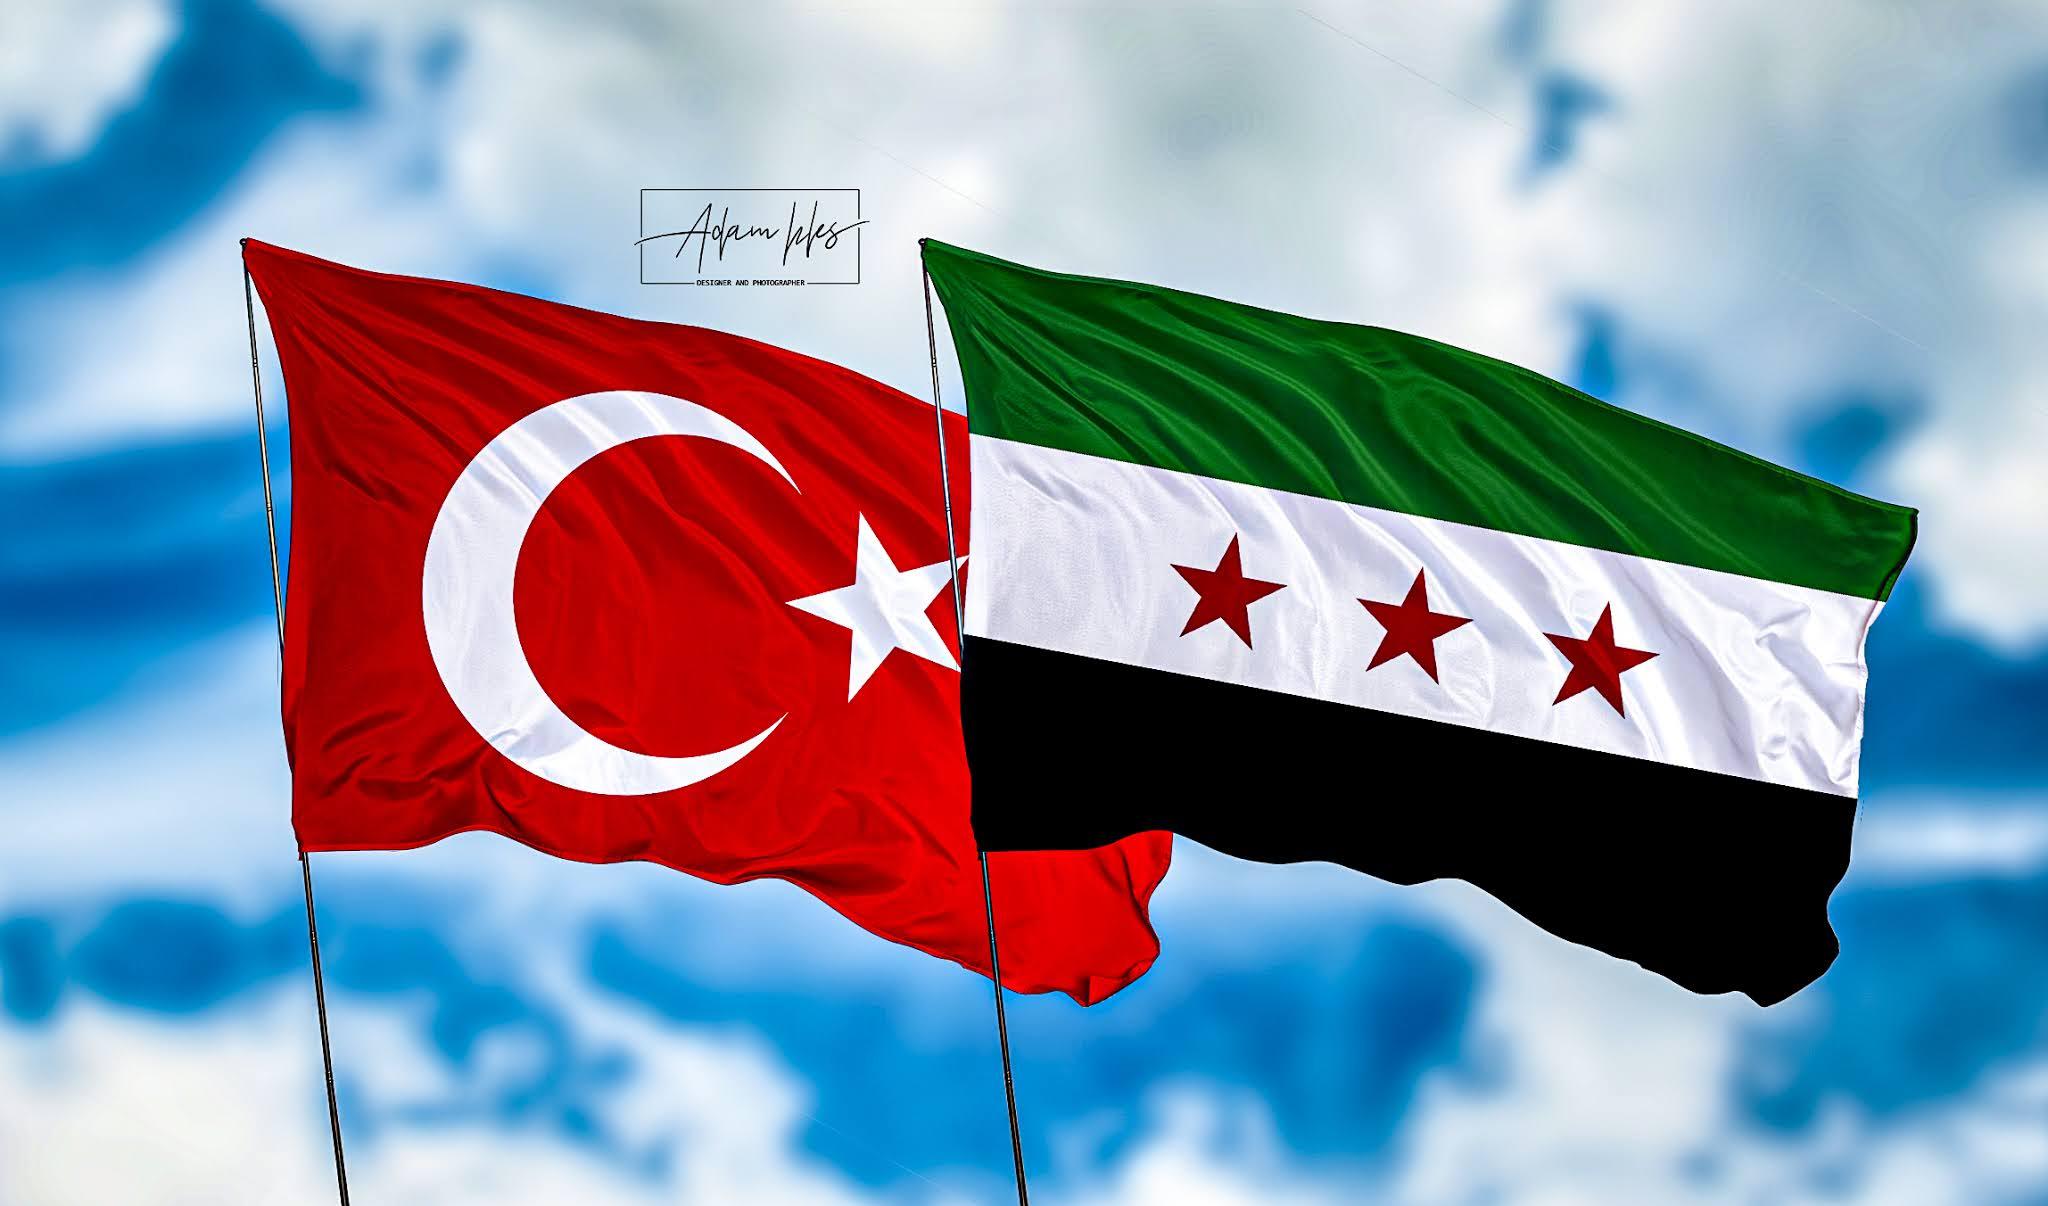 اجمل خلفية سوريا وتركيا خلفيات علم التركي وعلم سوريا الحر بجانب بعض